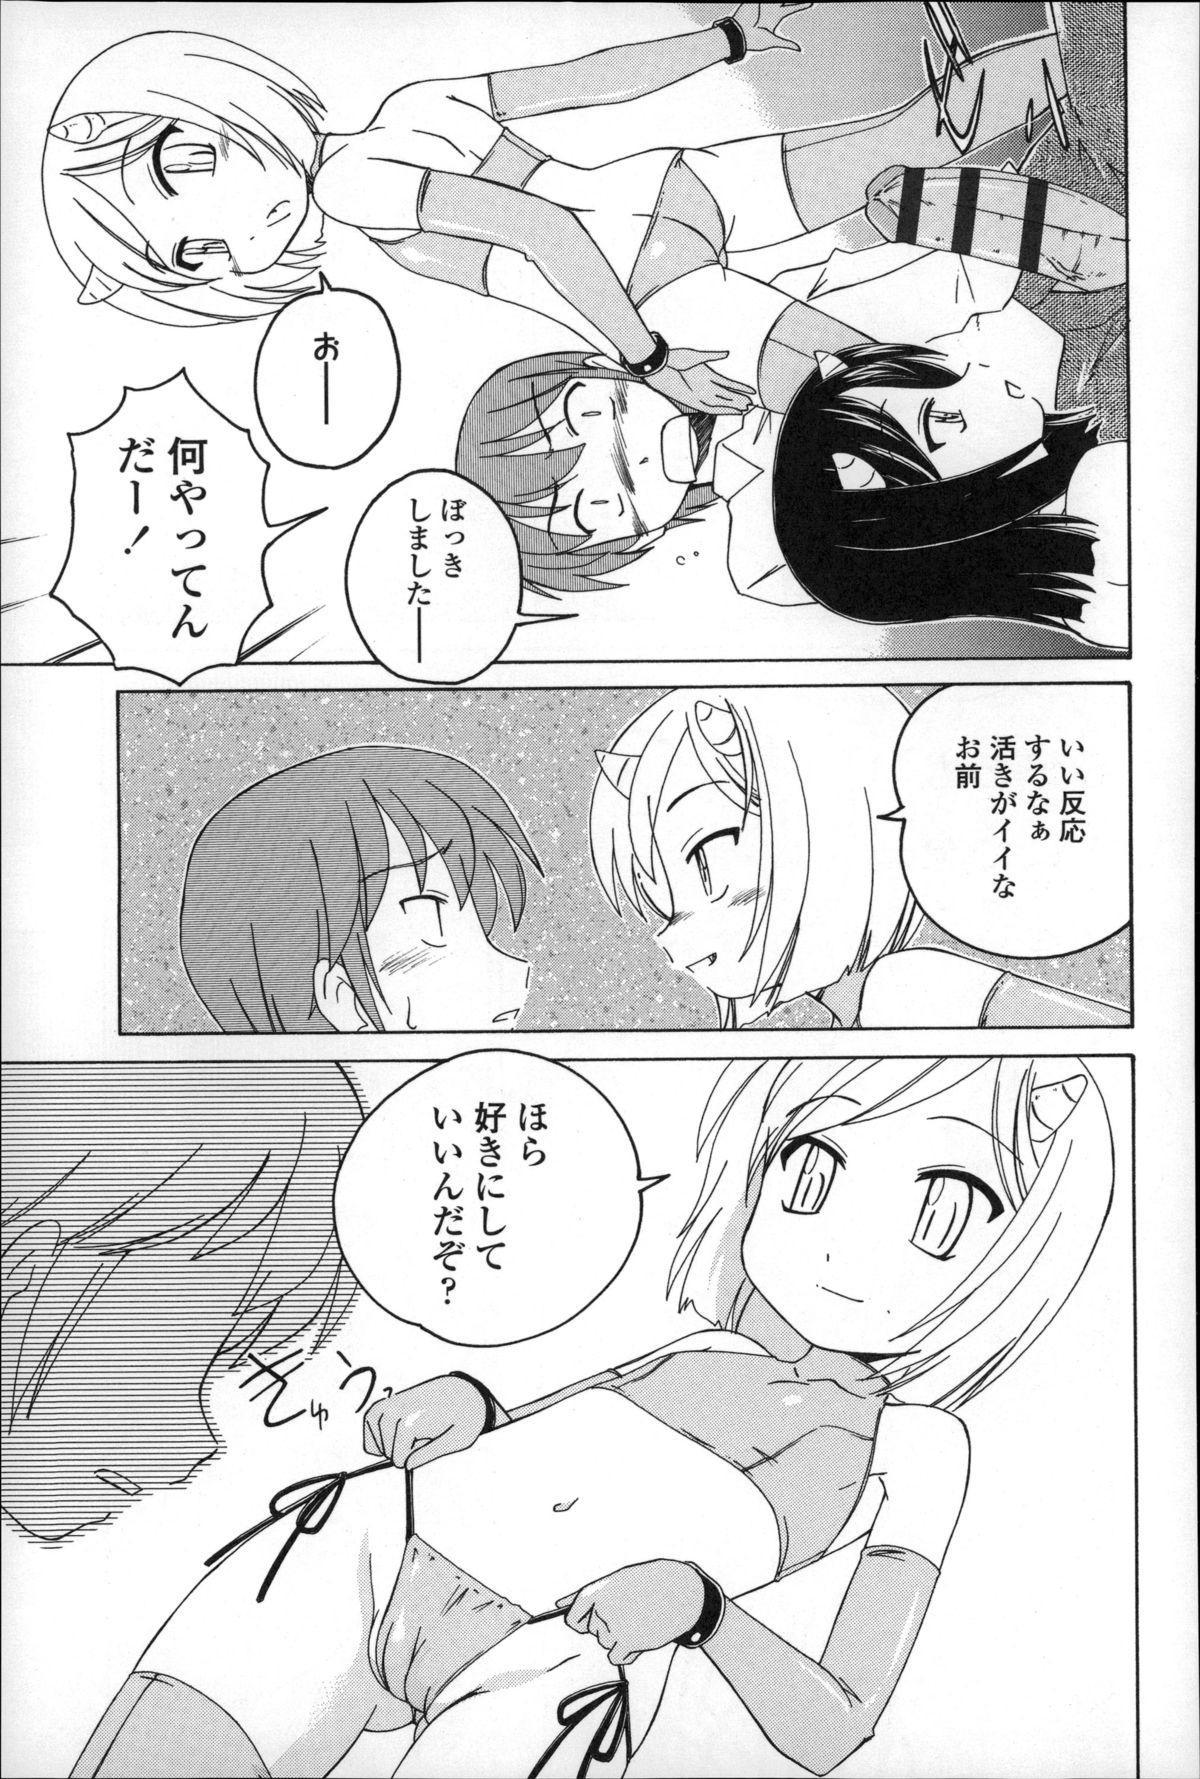 Youshou no Hana no Himitsu - The secret of Girls flowers 140